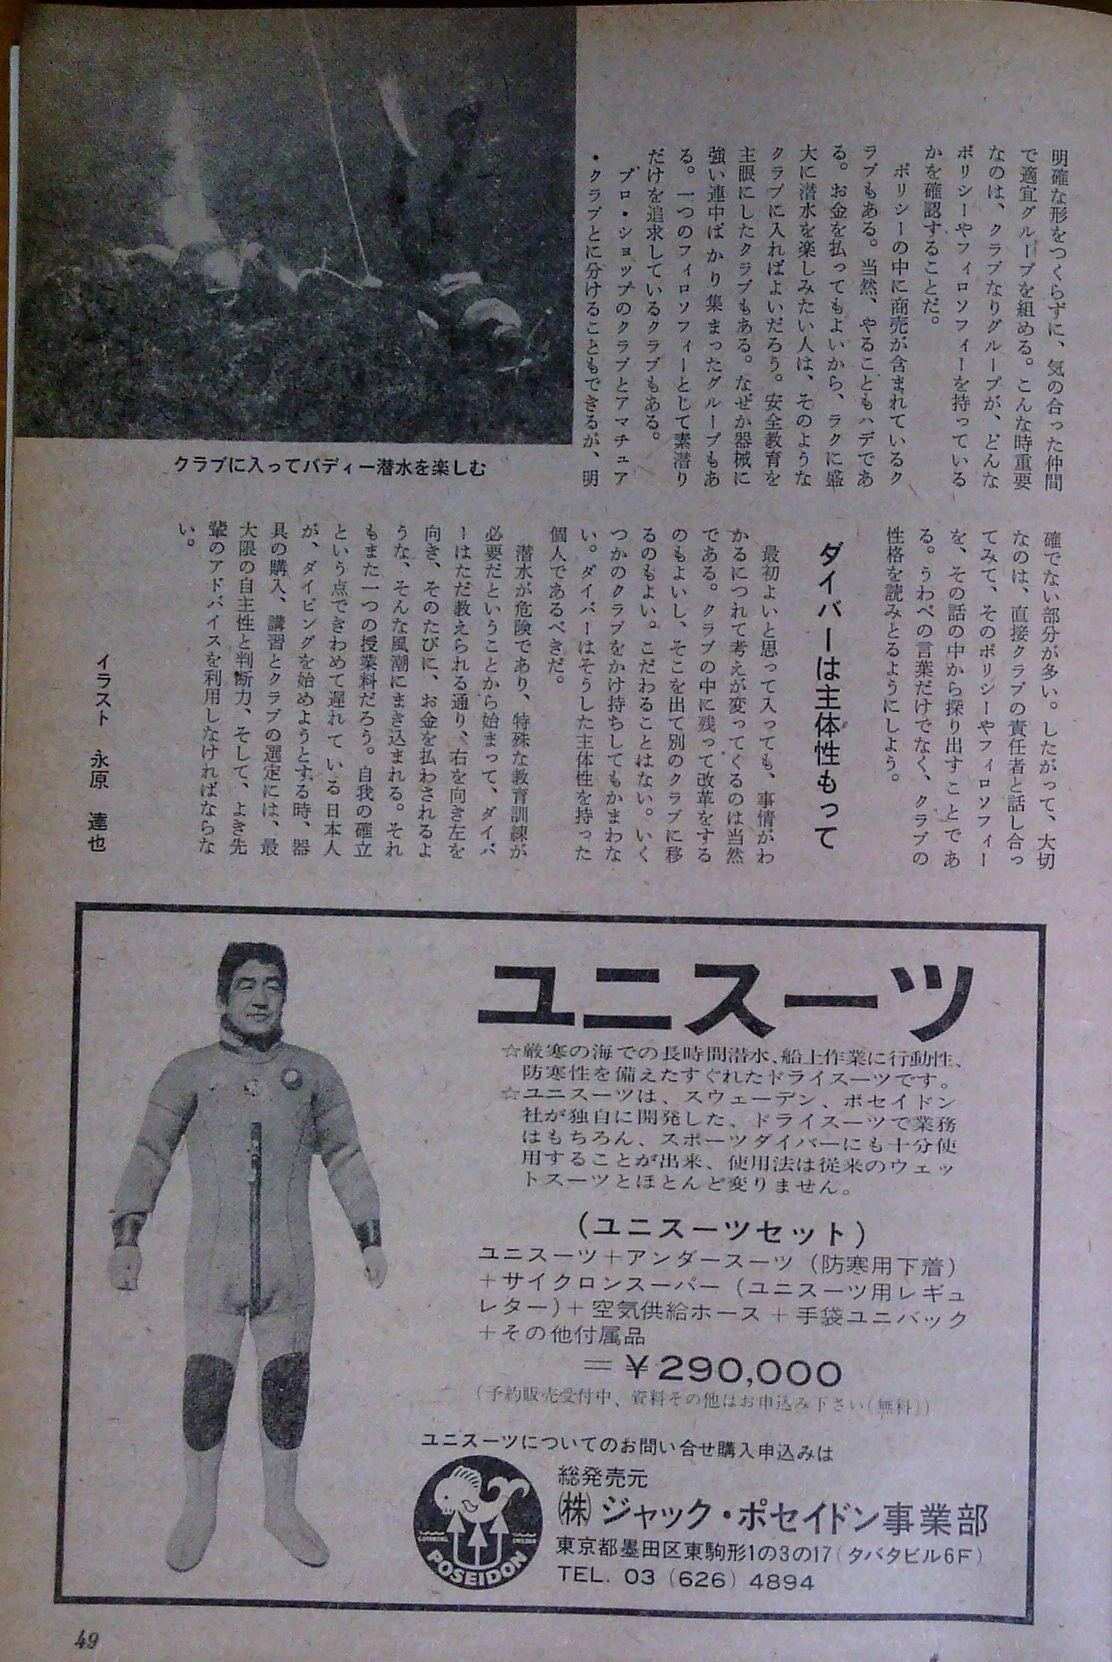 0513 ダイビングの歴史 70 海の世界 1974年 5月_b0075059_13142513.jpg